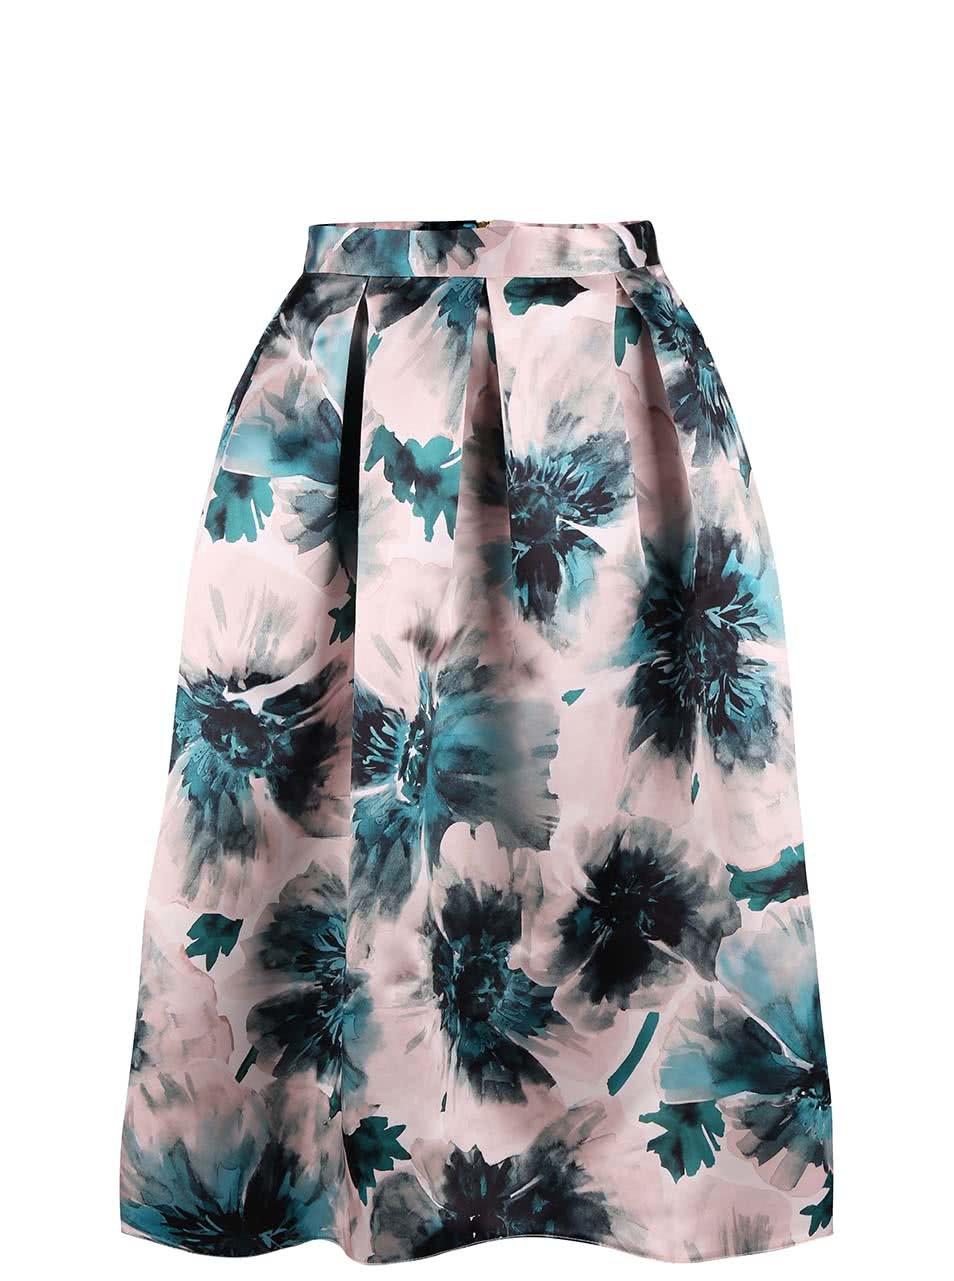 880d71fa0180 Ružová dlhá saténová sukňa s kvetmi Closet ...